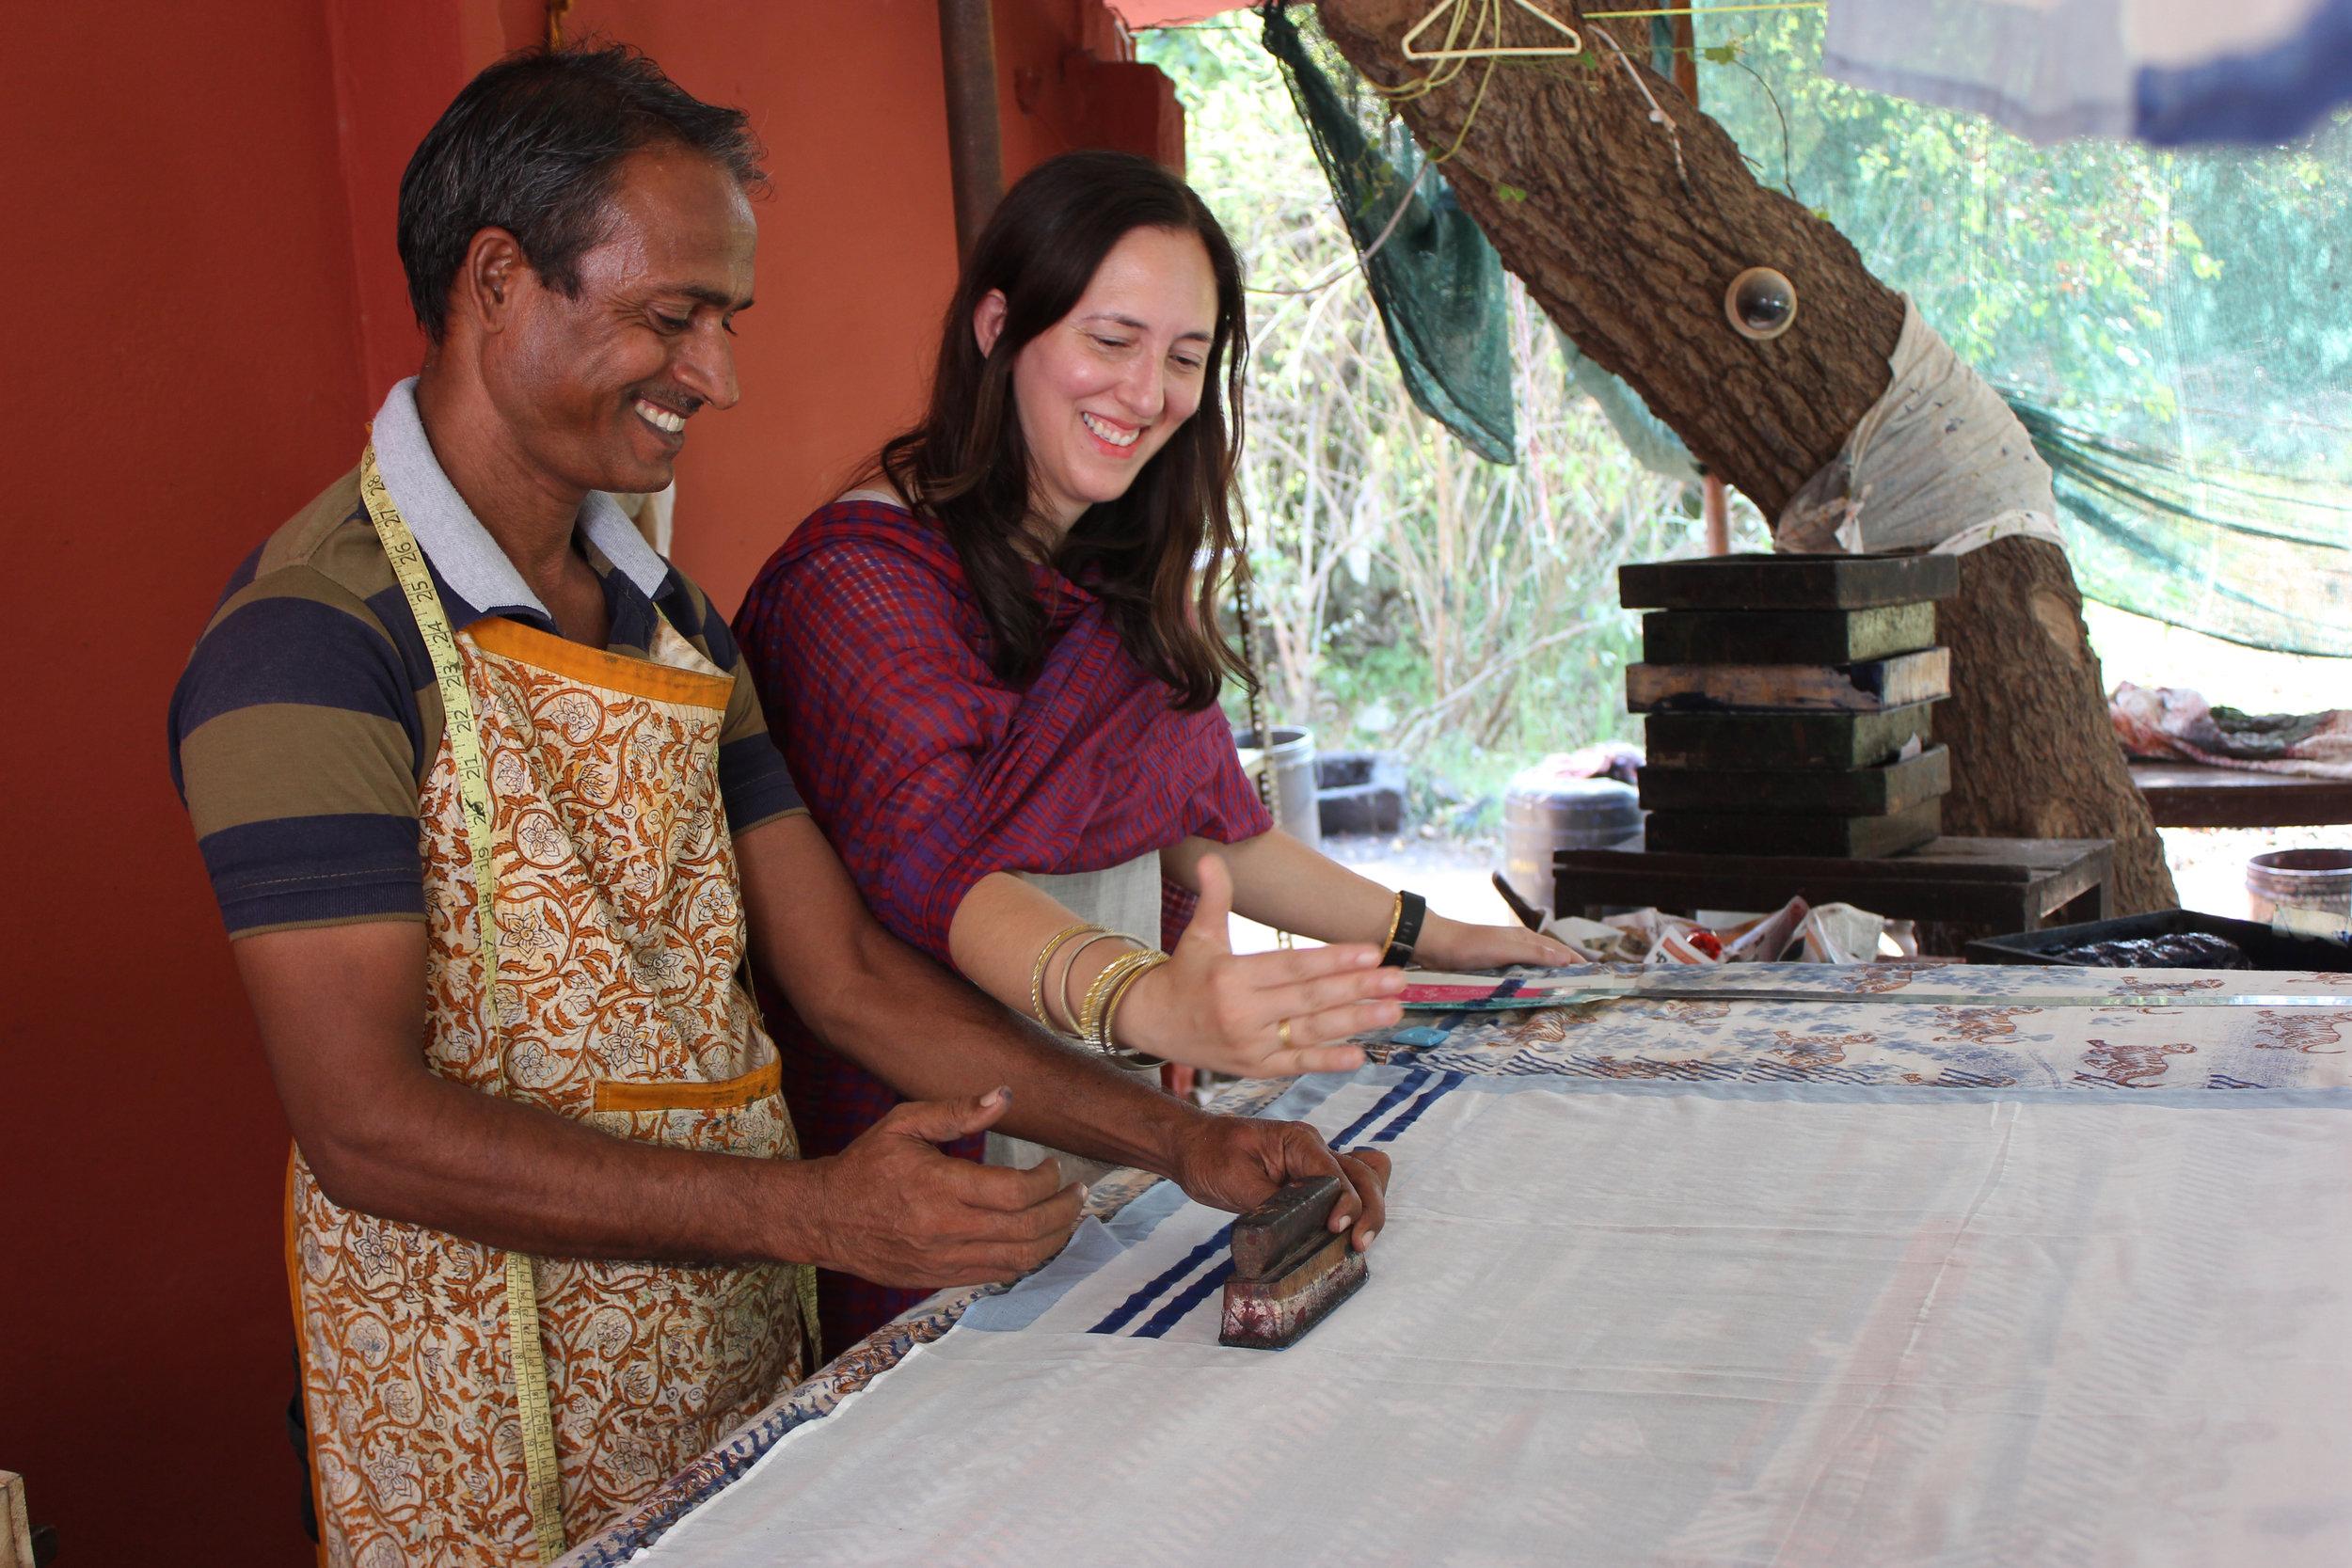 Payal working with Kanhaiya on the Indian Roller FLIGHT design.